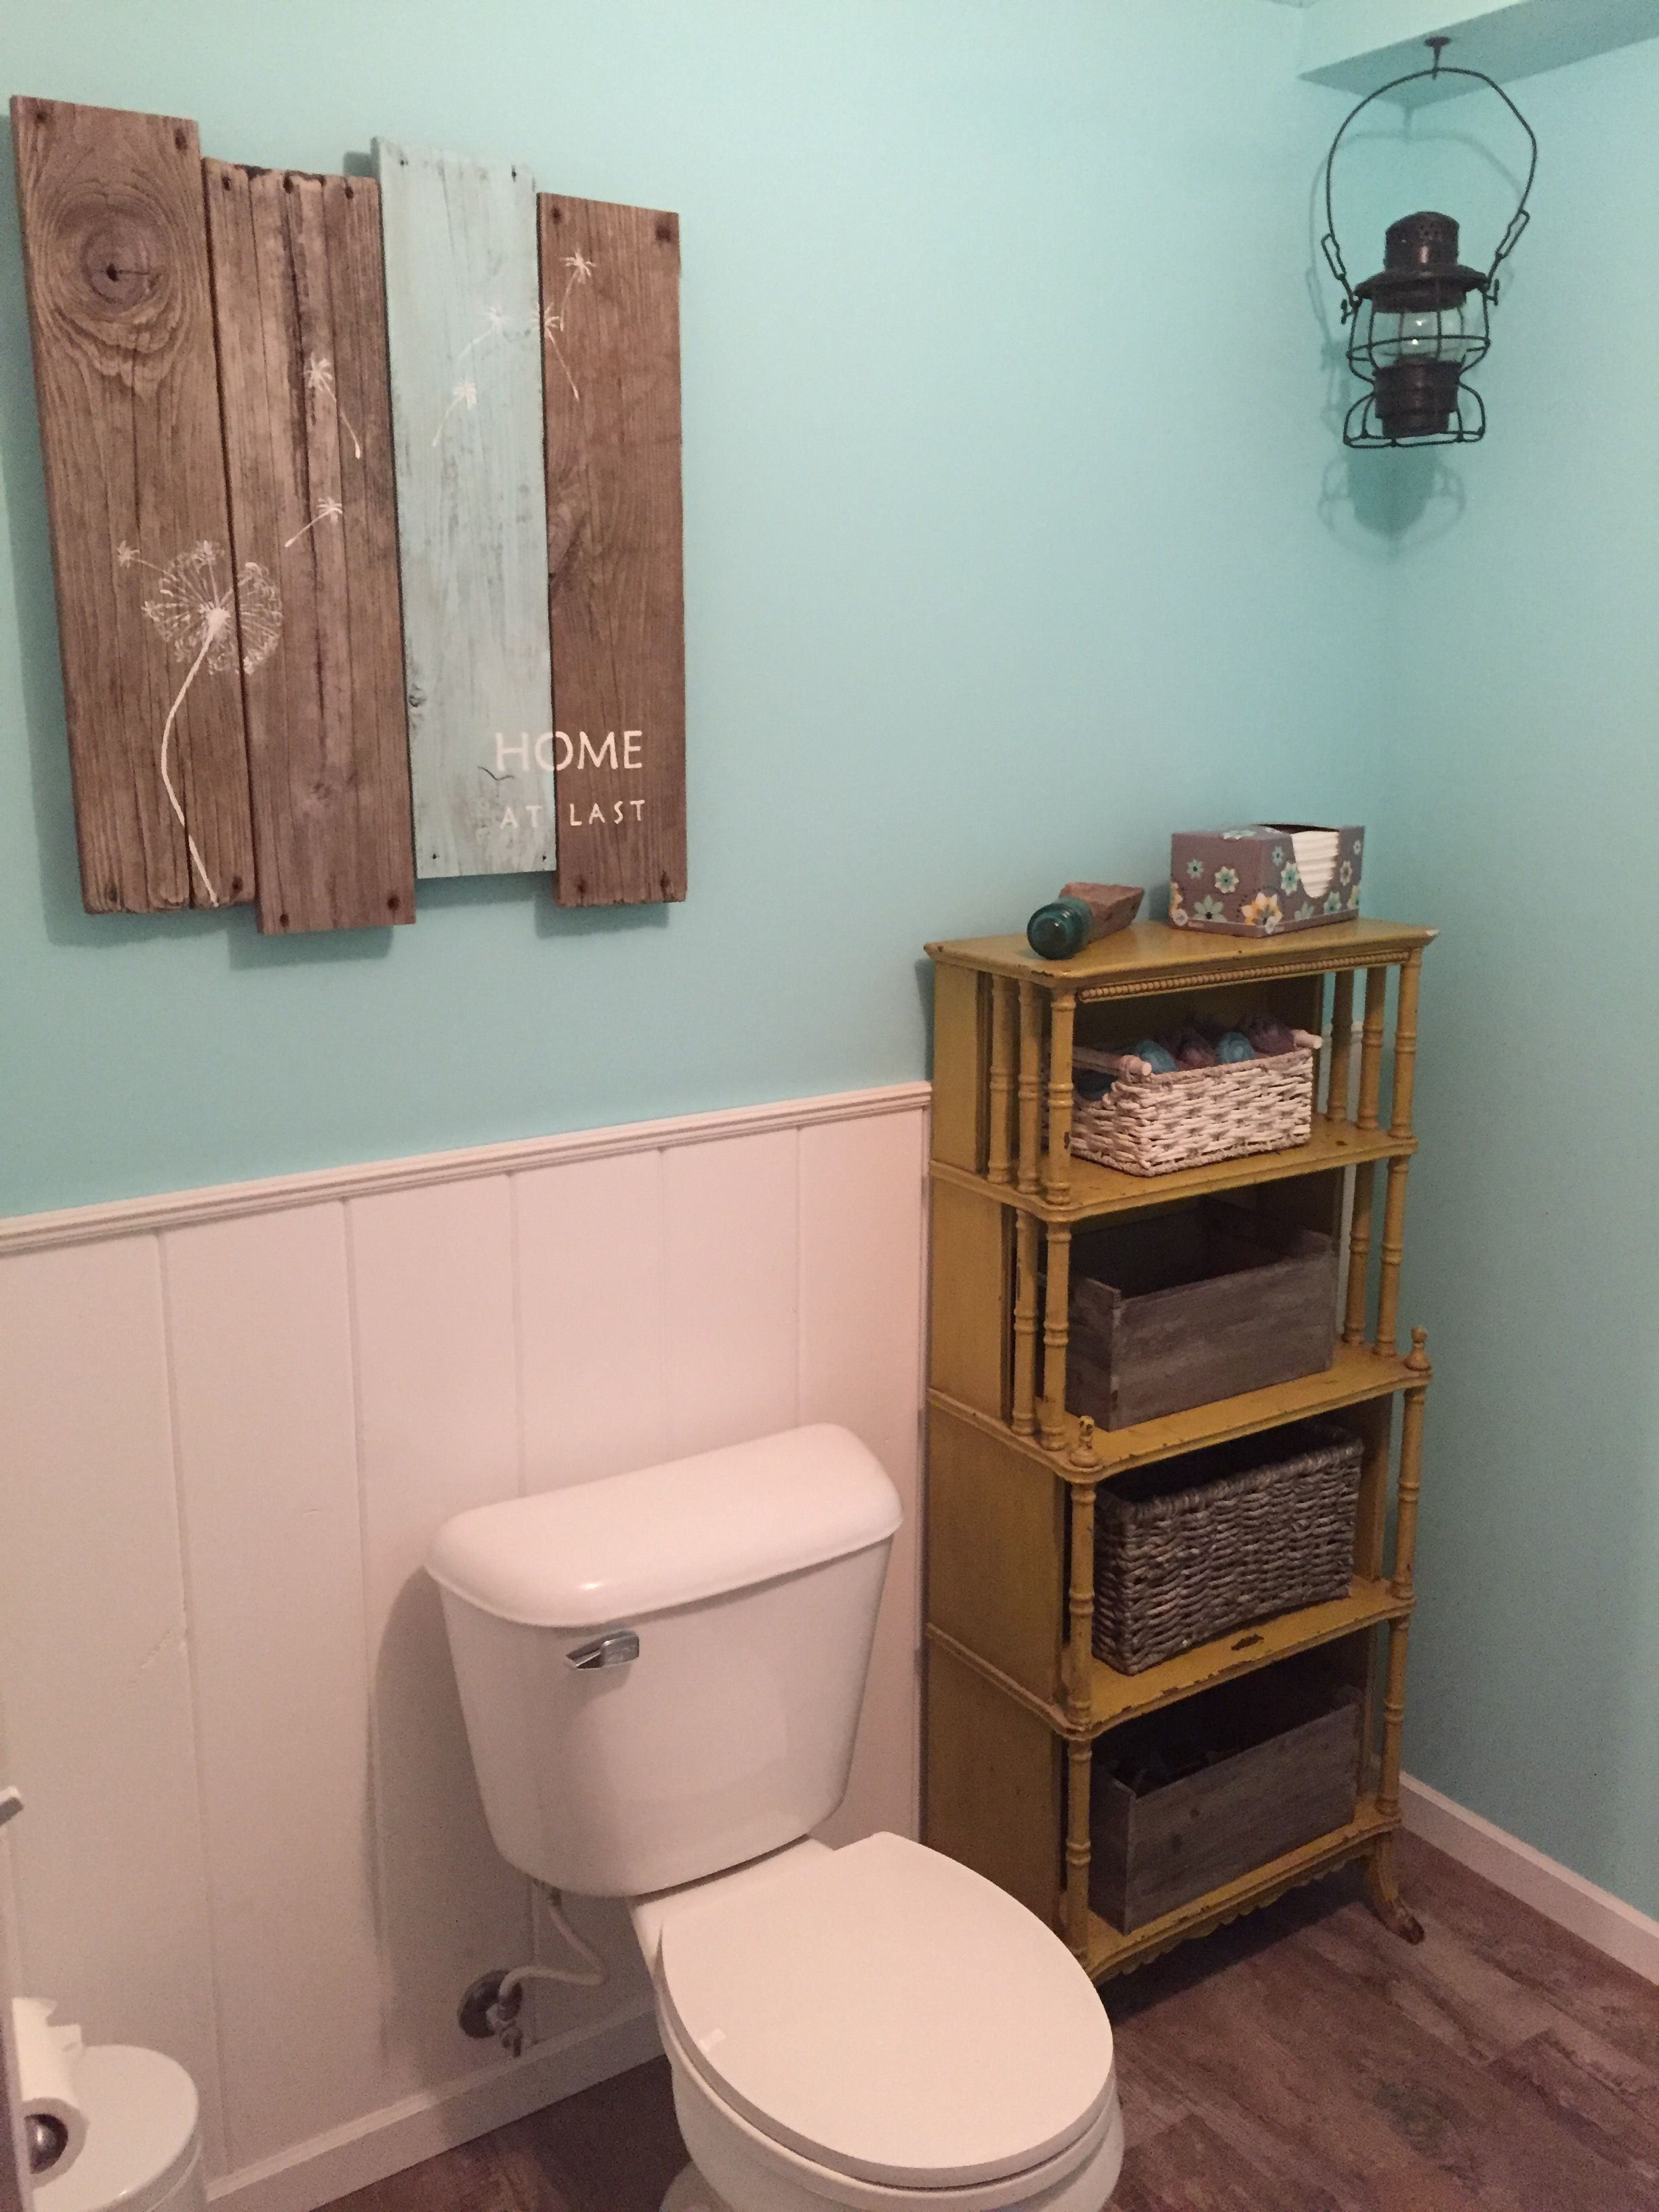 Rustic farmhouse bathroom | Farmhouse bathroom, Rustic ... on Rustic Farmhouse Farmhouse Bathroom  id=14025